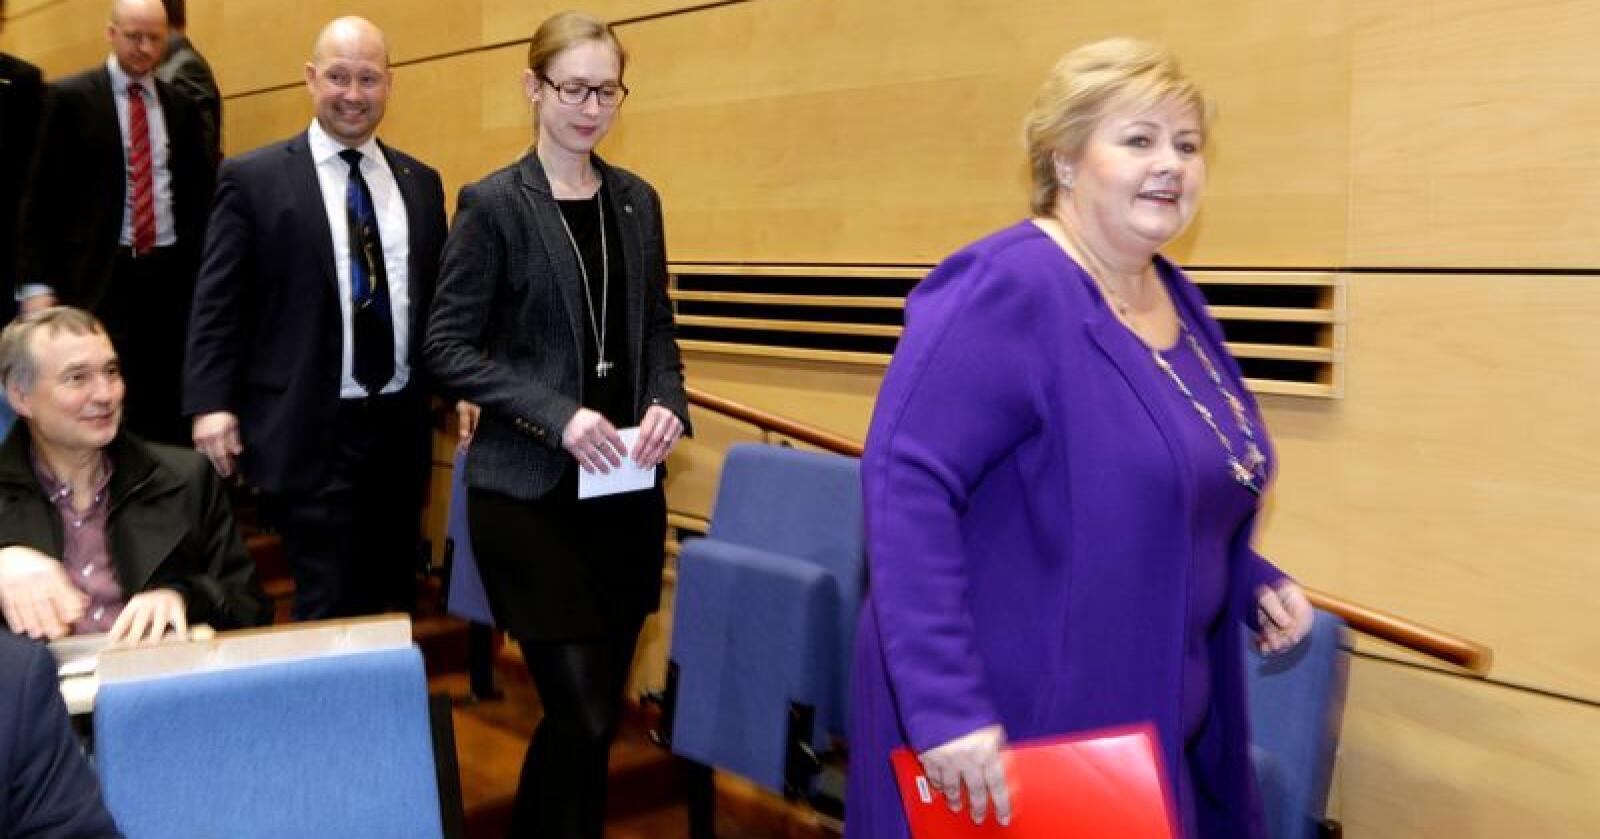 En avtale mellom regjeringen og støttepartiene om politireformen ble presentert i februar 2017. Fra.h statsminister Erna Solberg (H), Iselin Nybø (V) og justis- og beredskapsminister Anders Anundsen på pressekonferanssen på politihøyskolen i Oslo. Foto: Vidar Ruud / NTB scanpix